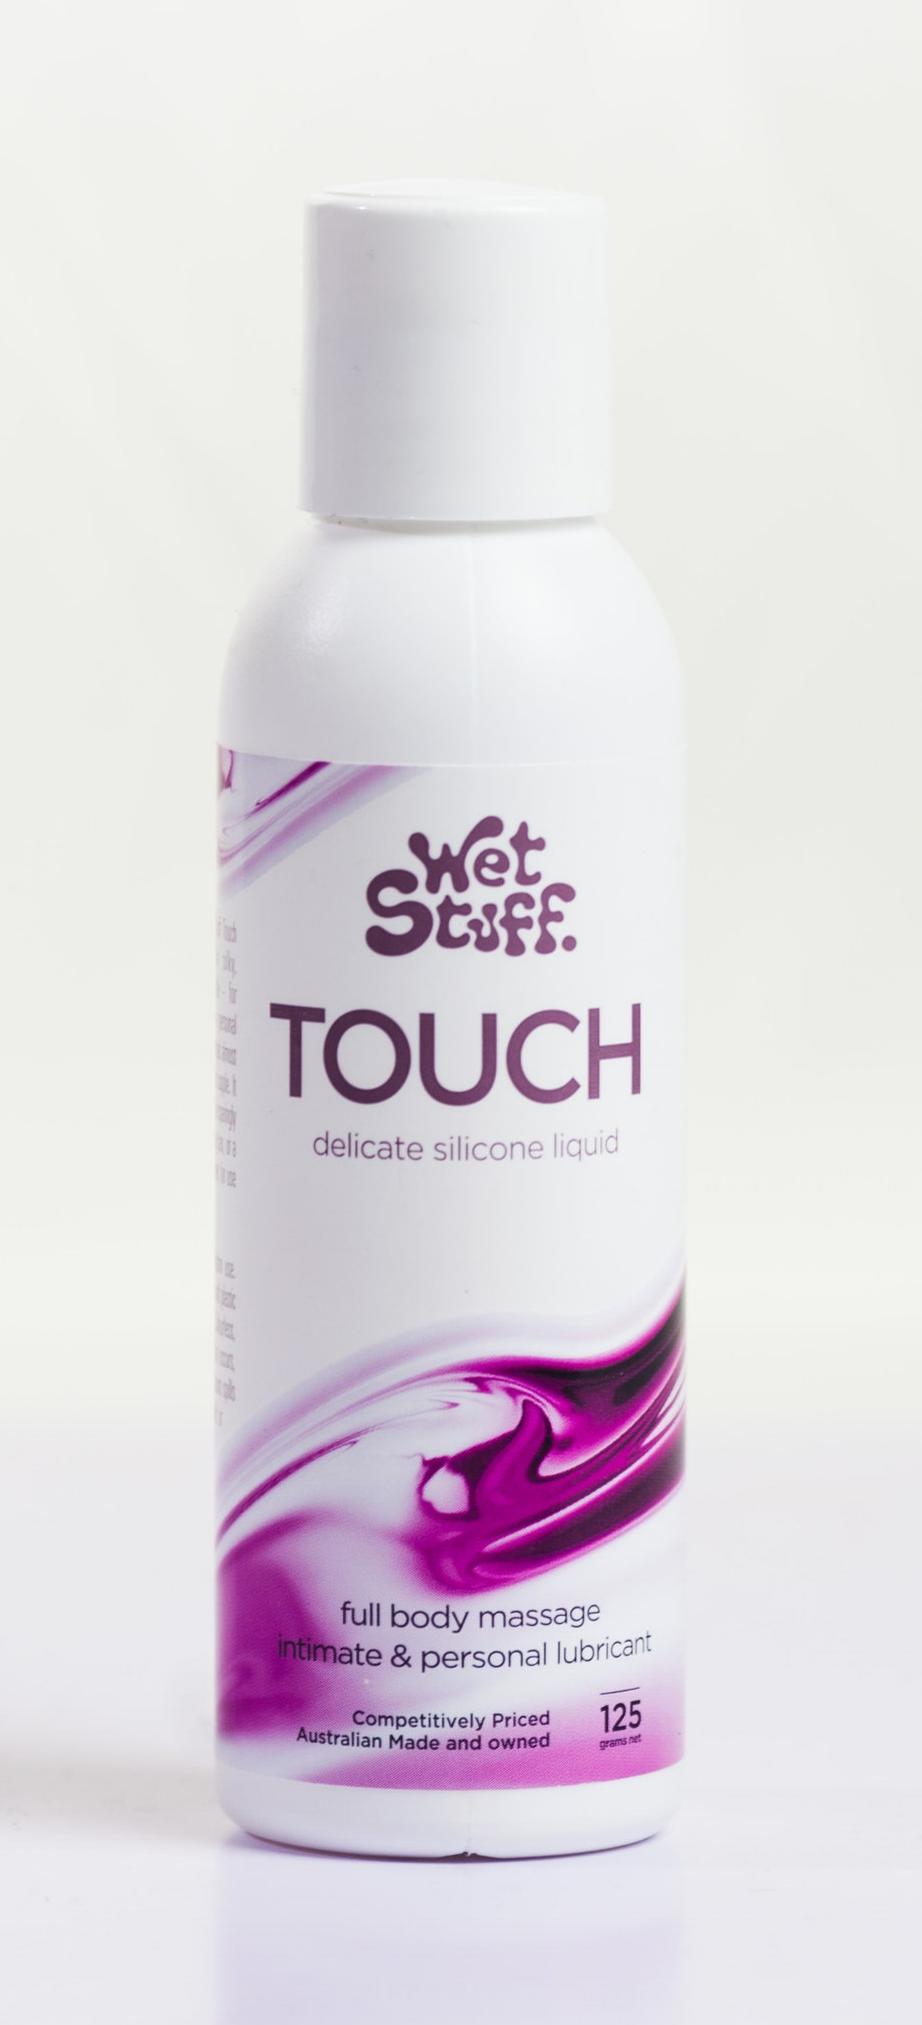 Touch 125g.jpg